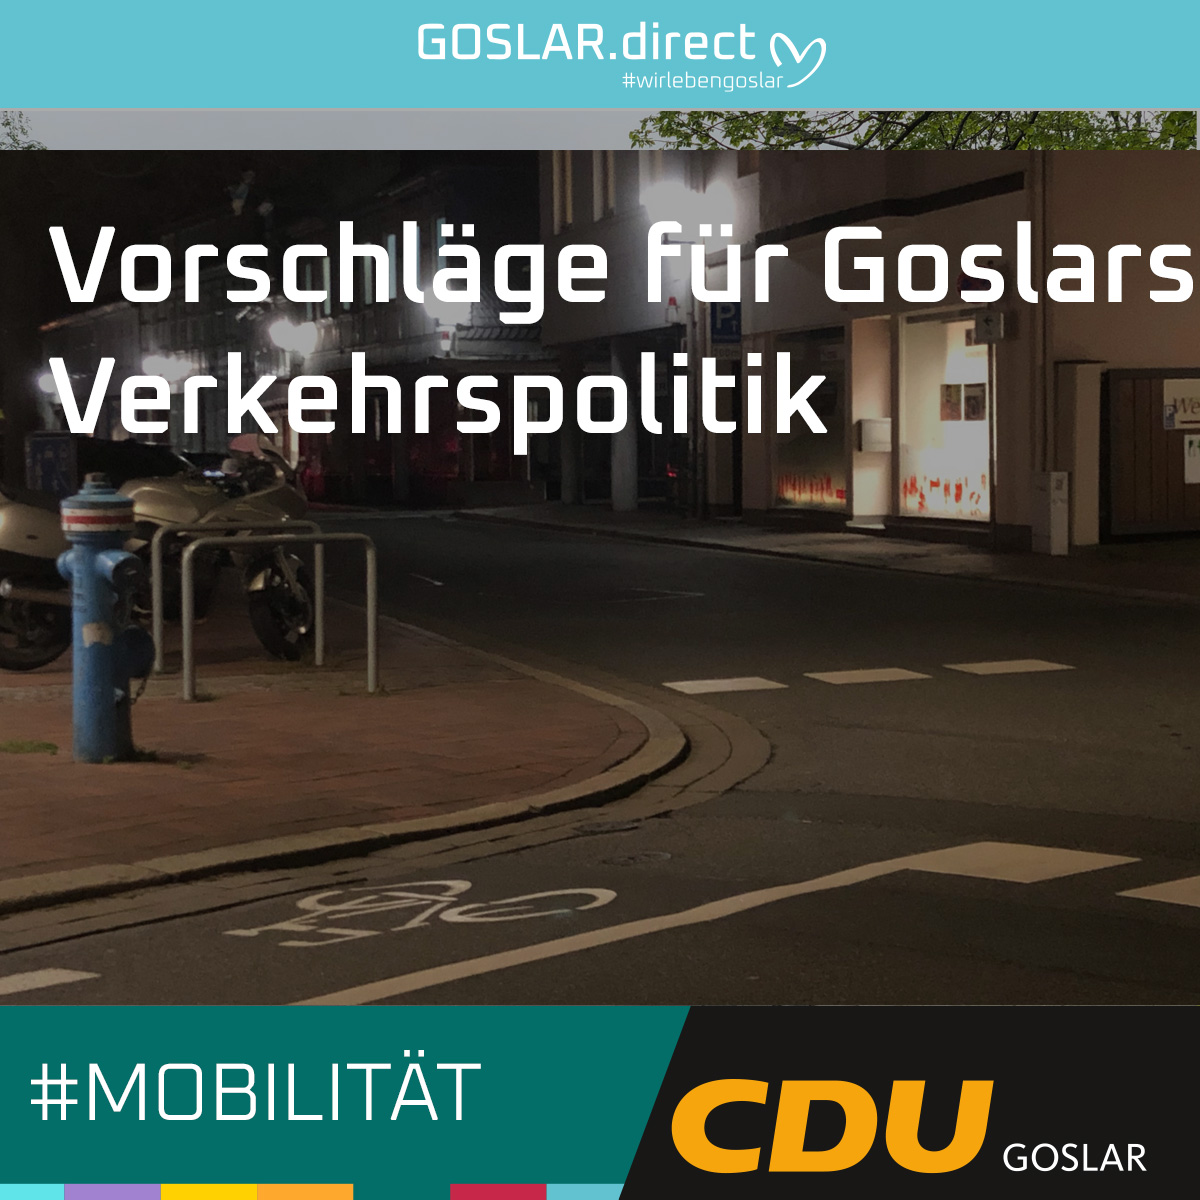 Grün-Schwarze Gedanken zu Mobilität in Goslar